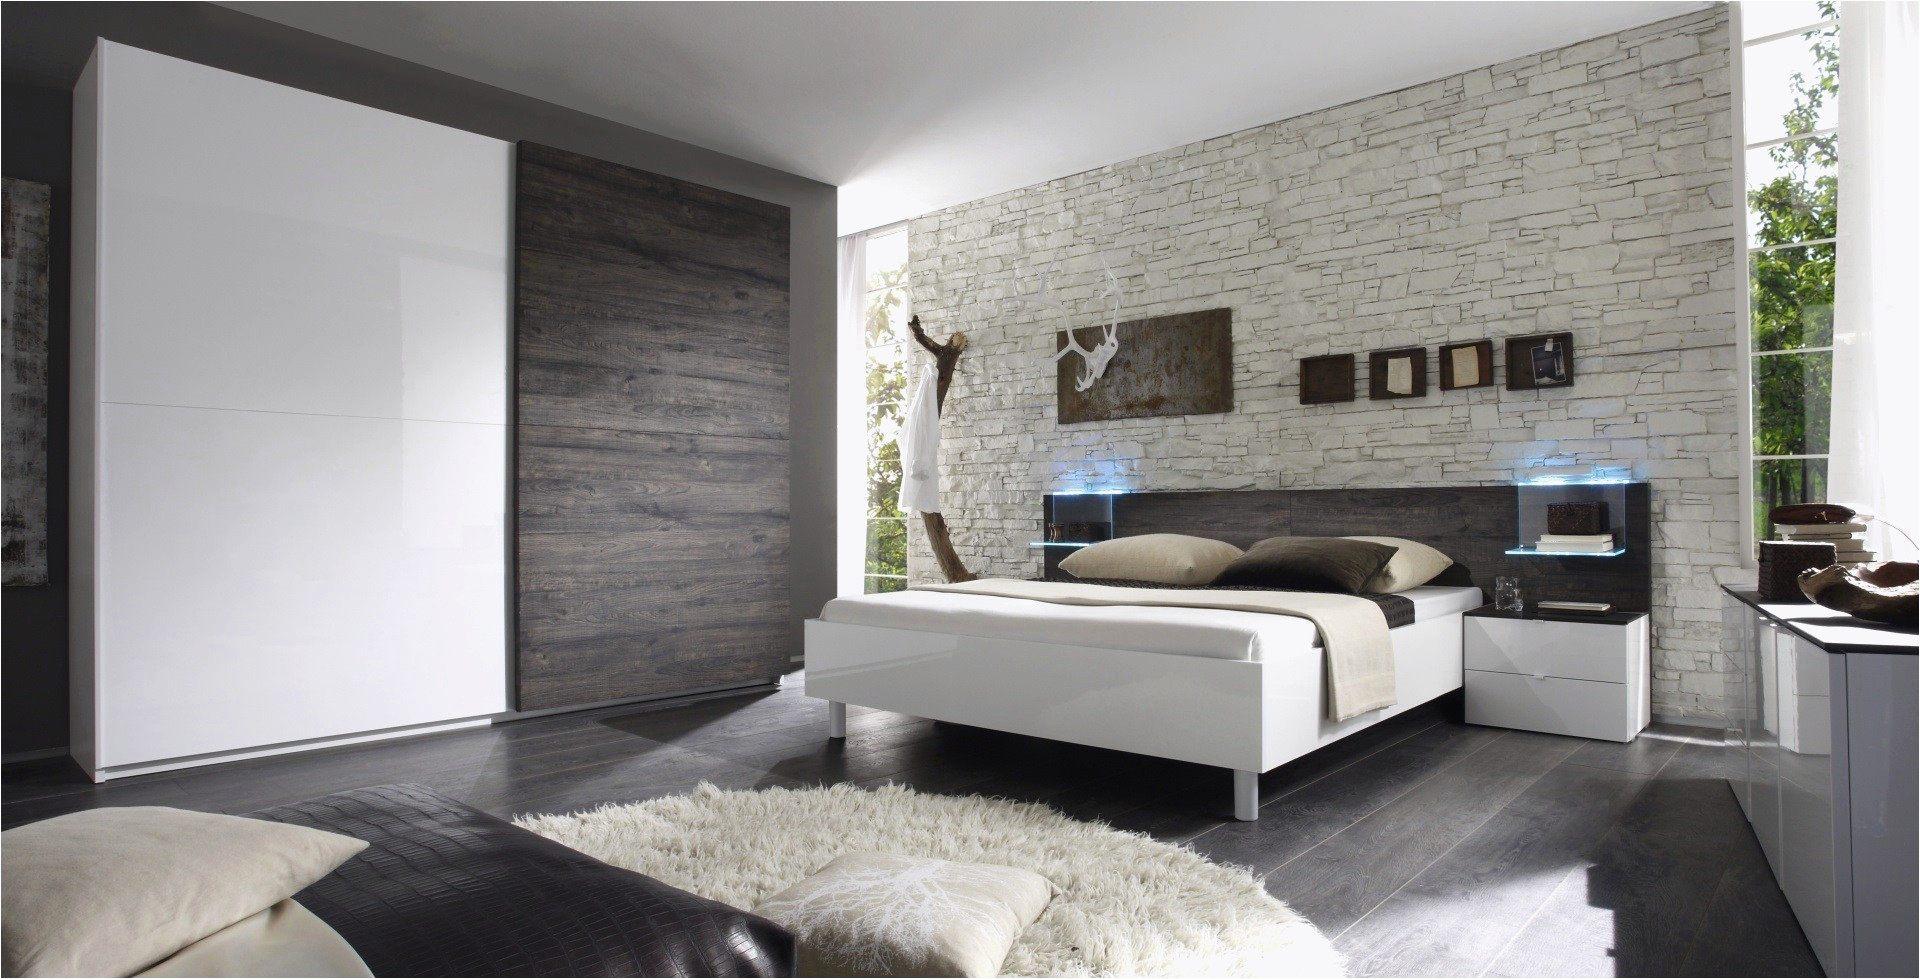 Tete De Lit Metal Frais Lit Metal Blanc Inspirant Tete De Lit Ikea 180 Fauteuil Salon Ikea